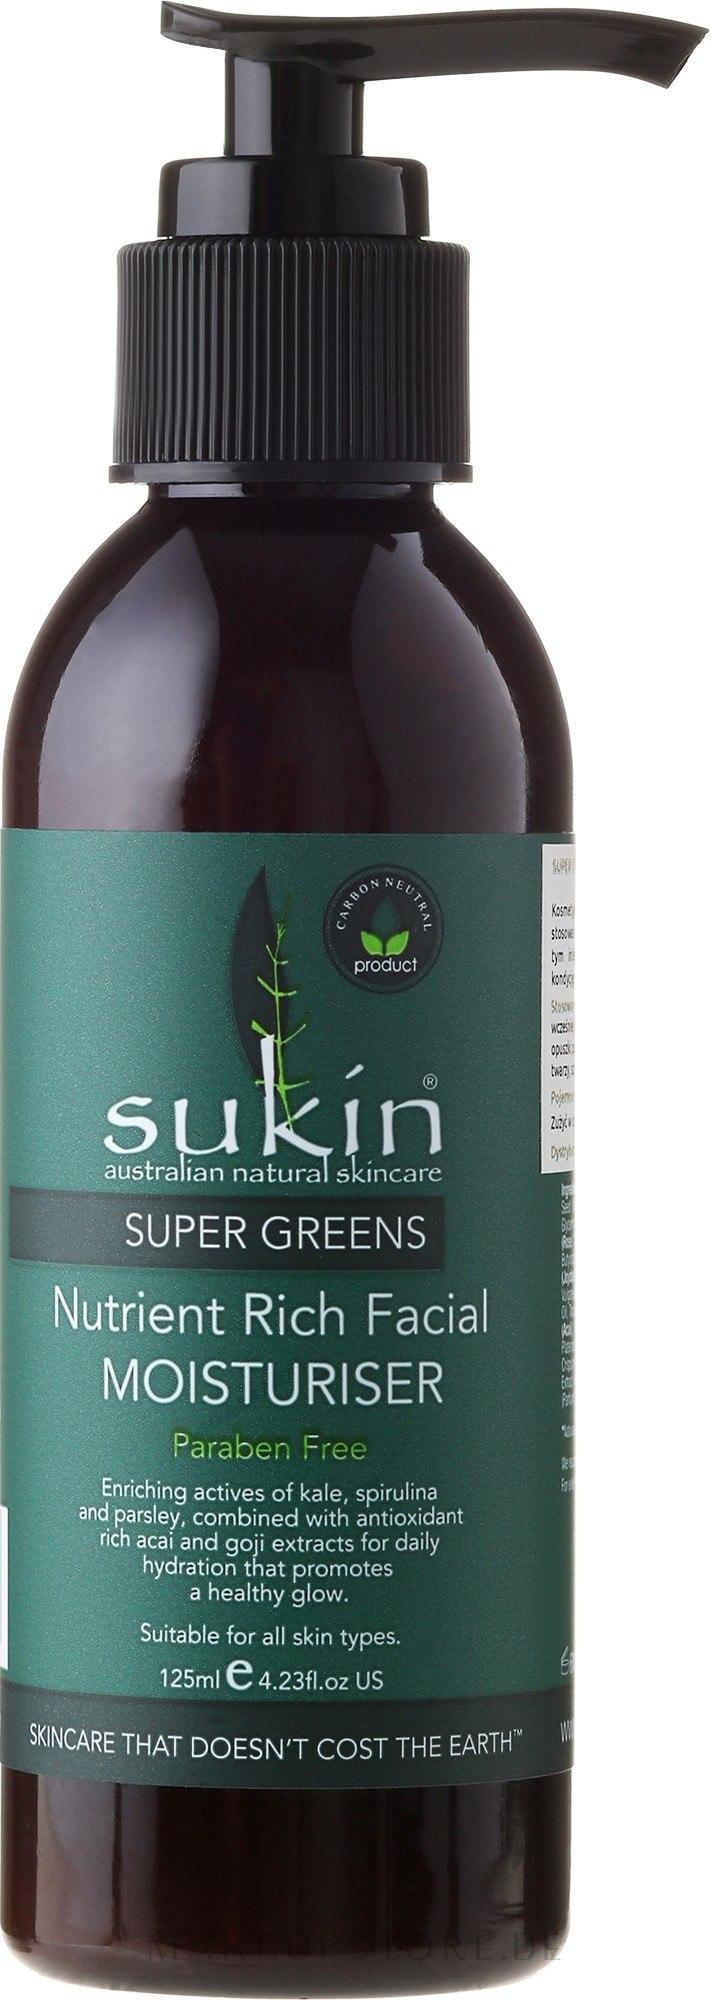 Feuchtigkeitsspendende Gesichtscreme mit Avocado- und Jojobaöl - Sukin Super Greens Facial Moisturiser — Bild 125 ml